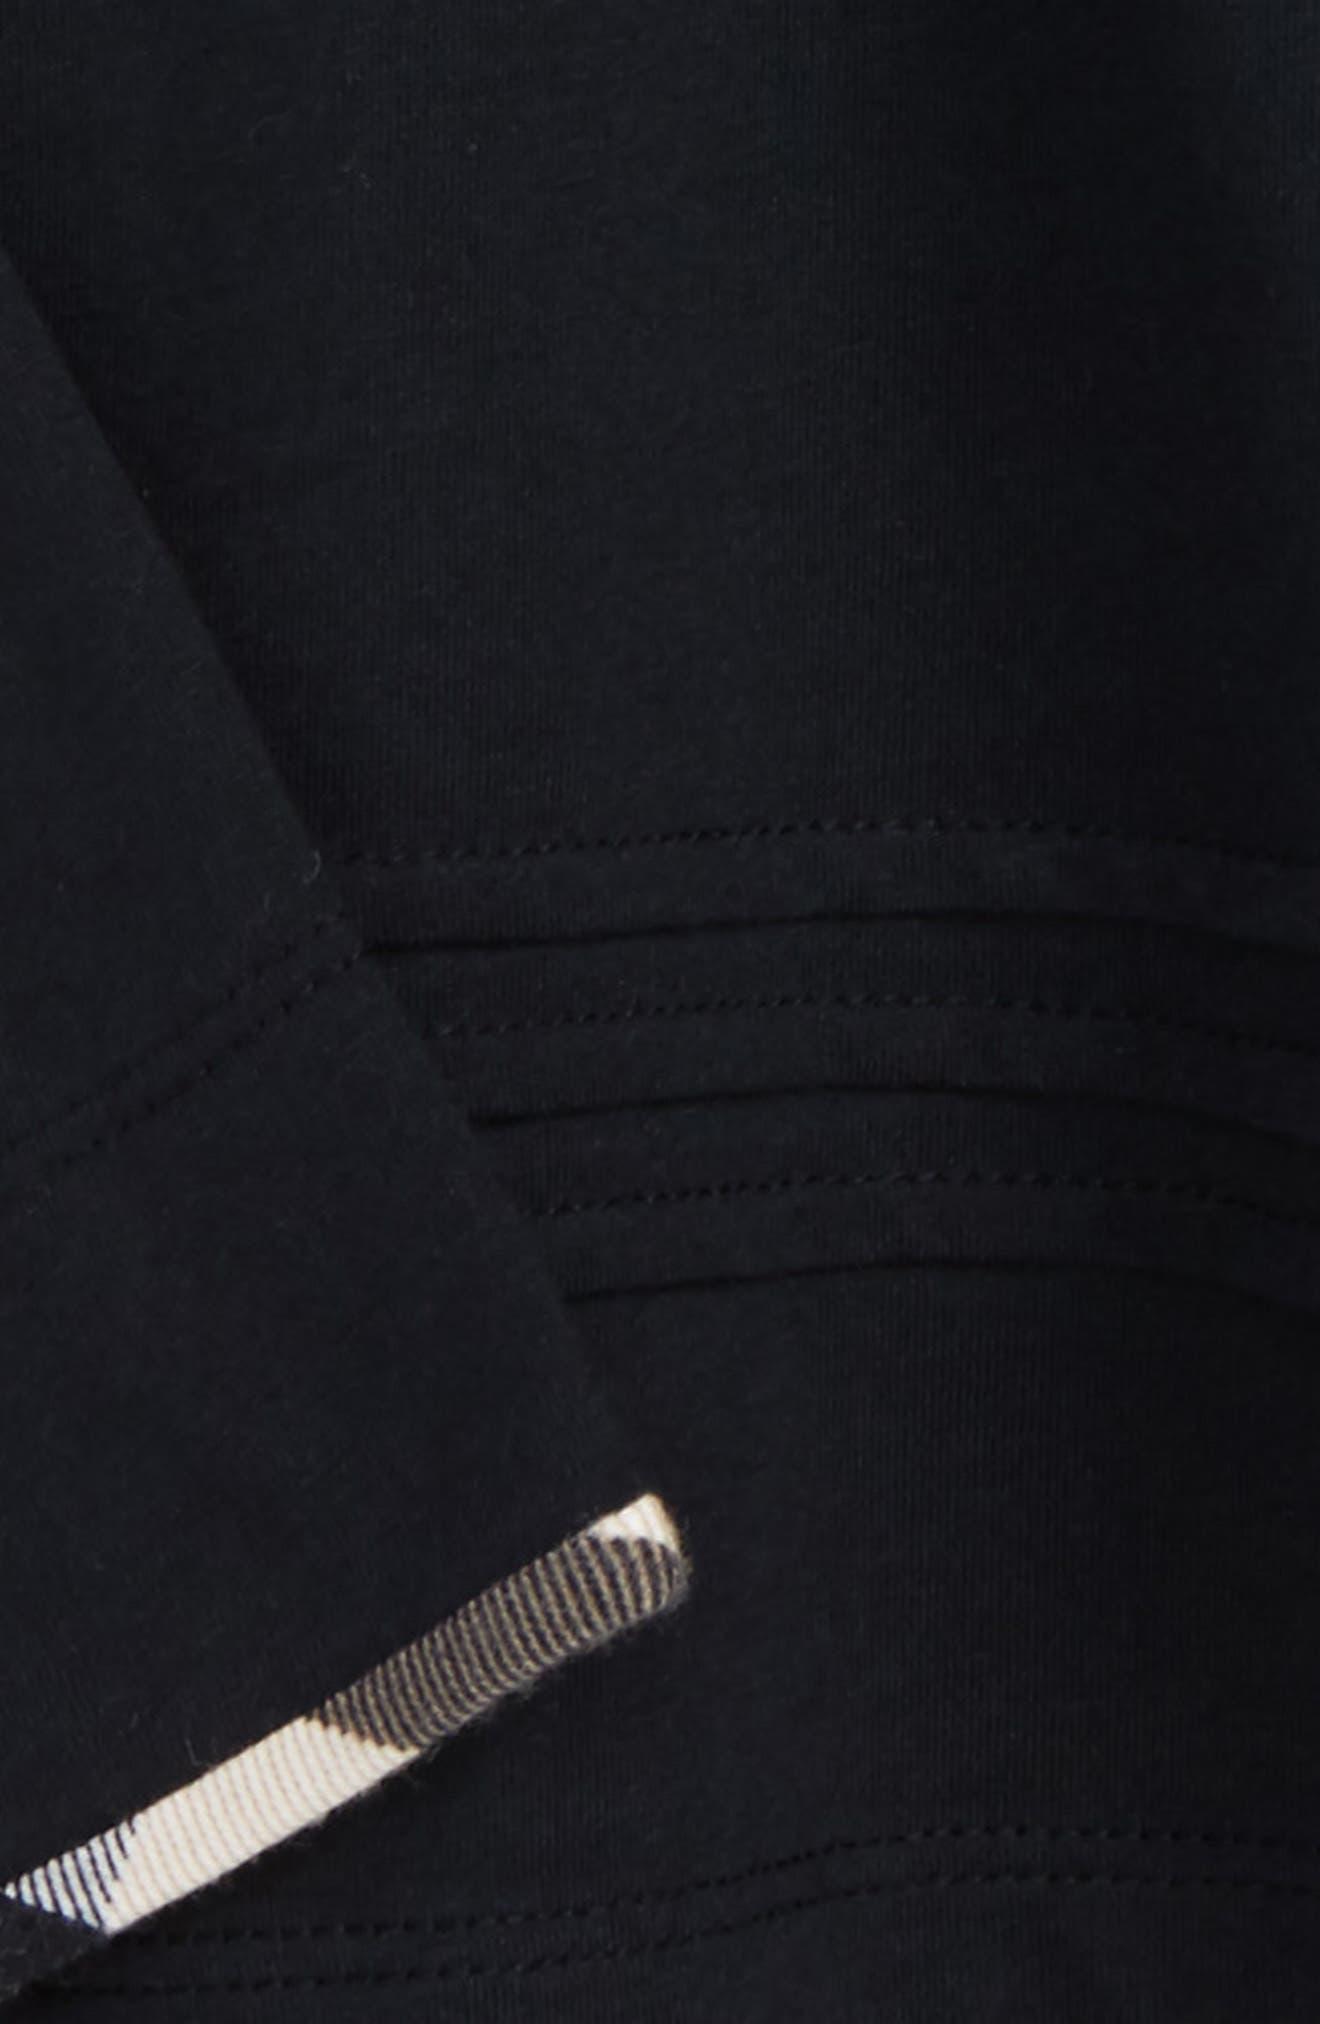 Gisselle Cotton Top,                             Alternate thumbnail 2, color,                             410